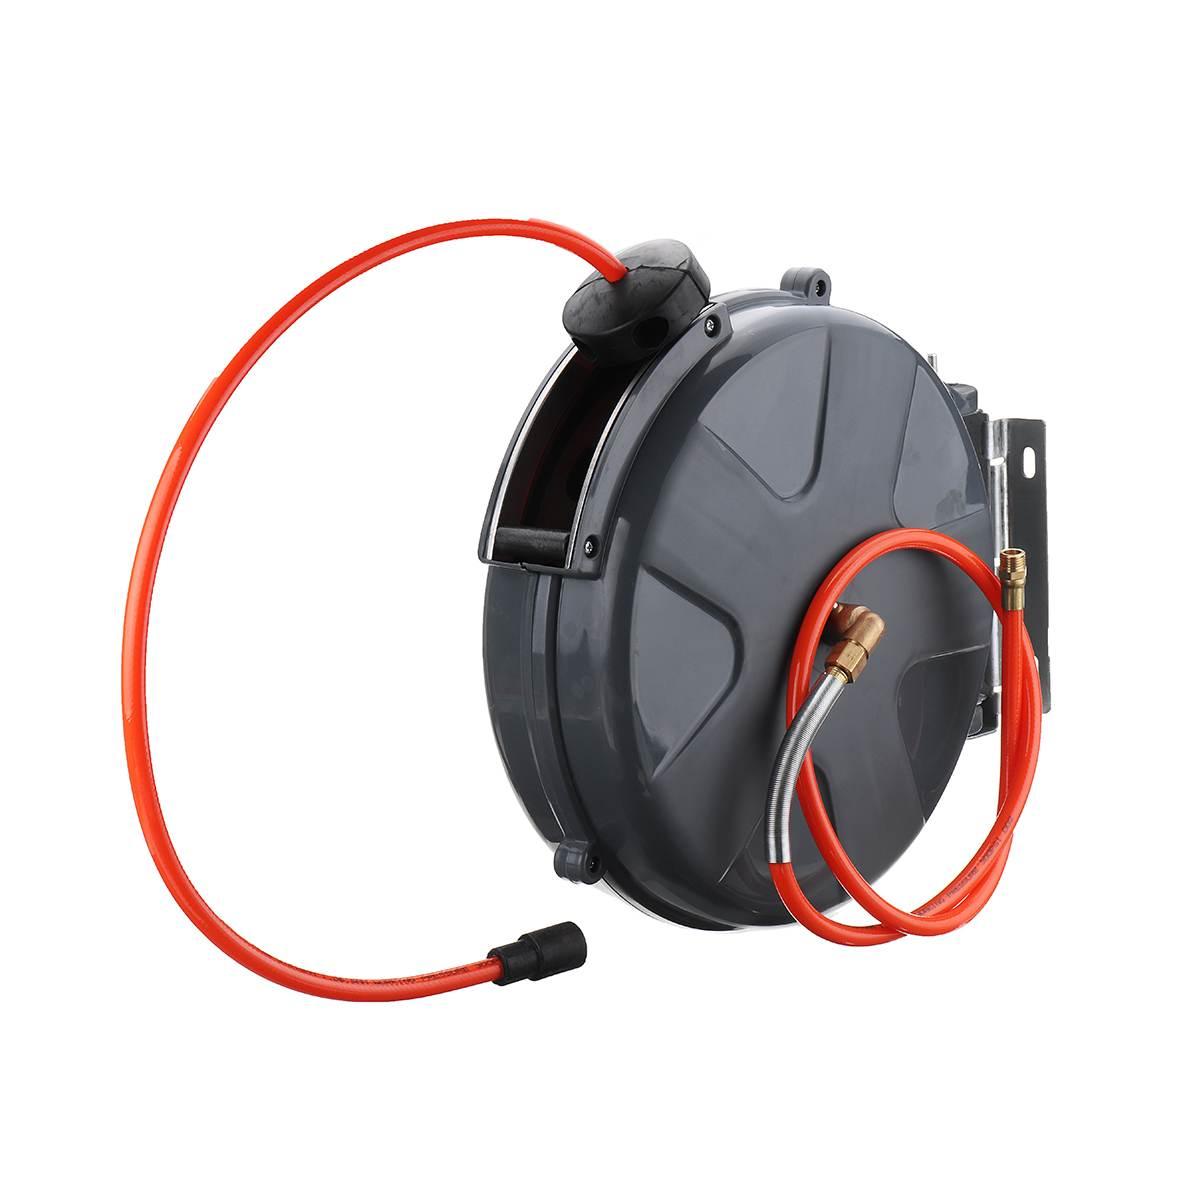 3/8 дюйма Автомобильный воздушный шланг катушка 10 м расширить шланги сантехнические автоматический выдвижная катушка для авторемонтный комплект